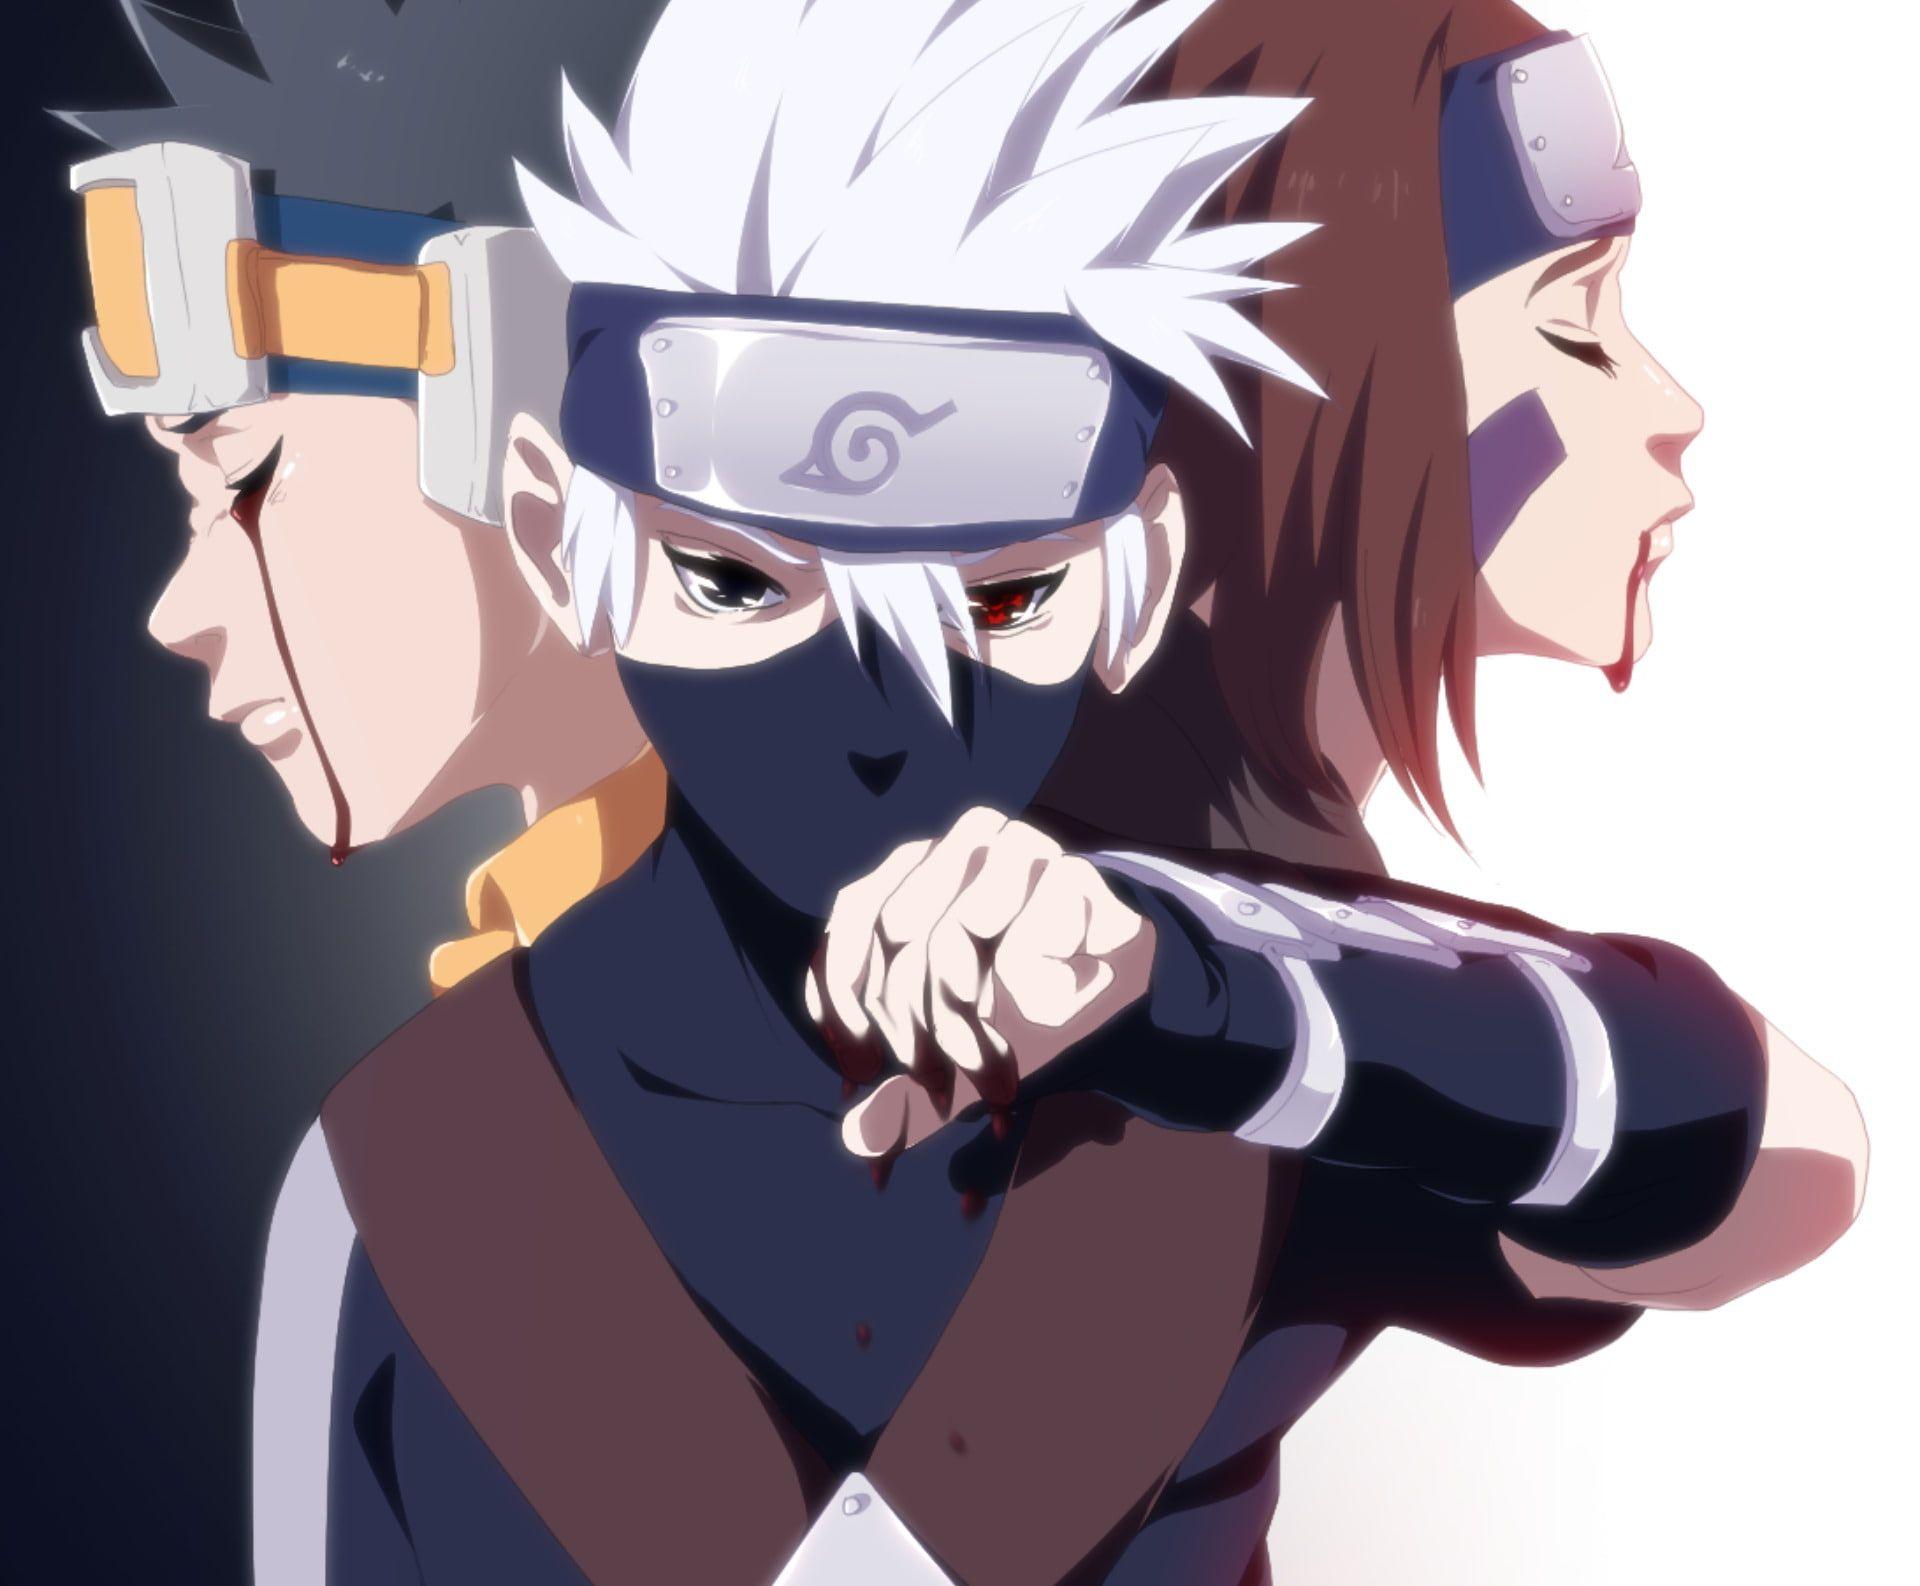 Anime Naruto Kakashi Hatake Obito Uchiha Rin Nohara 1080p Wallpaper Hdwallpaper Desktop Kakashi Hatake Naruto Fan Art Kakashi